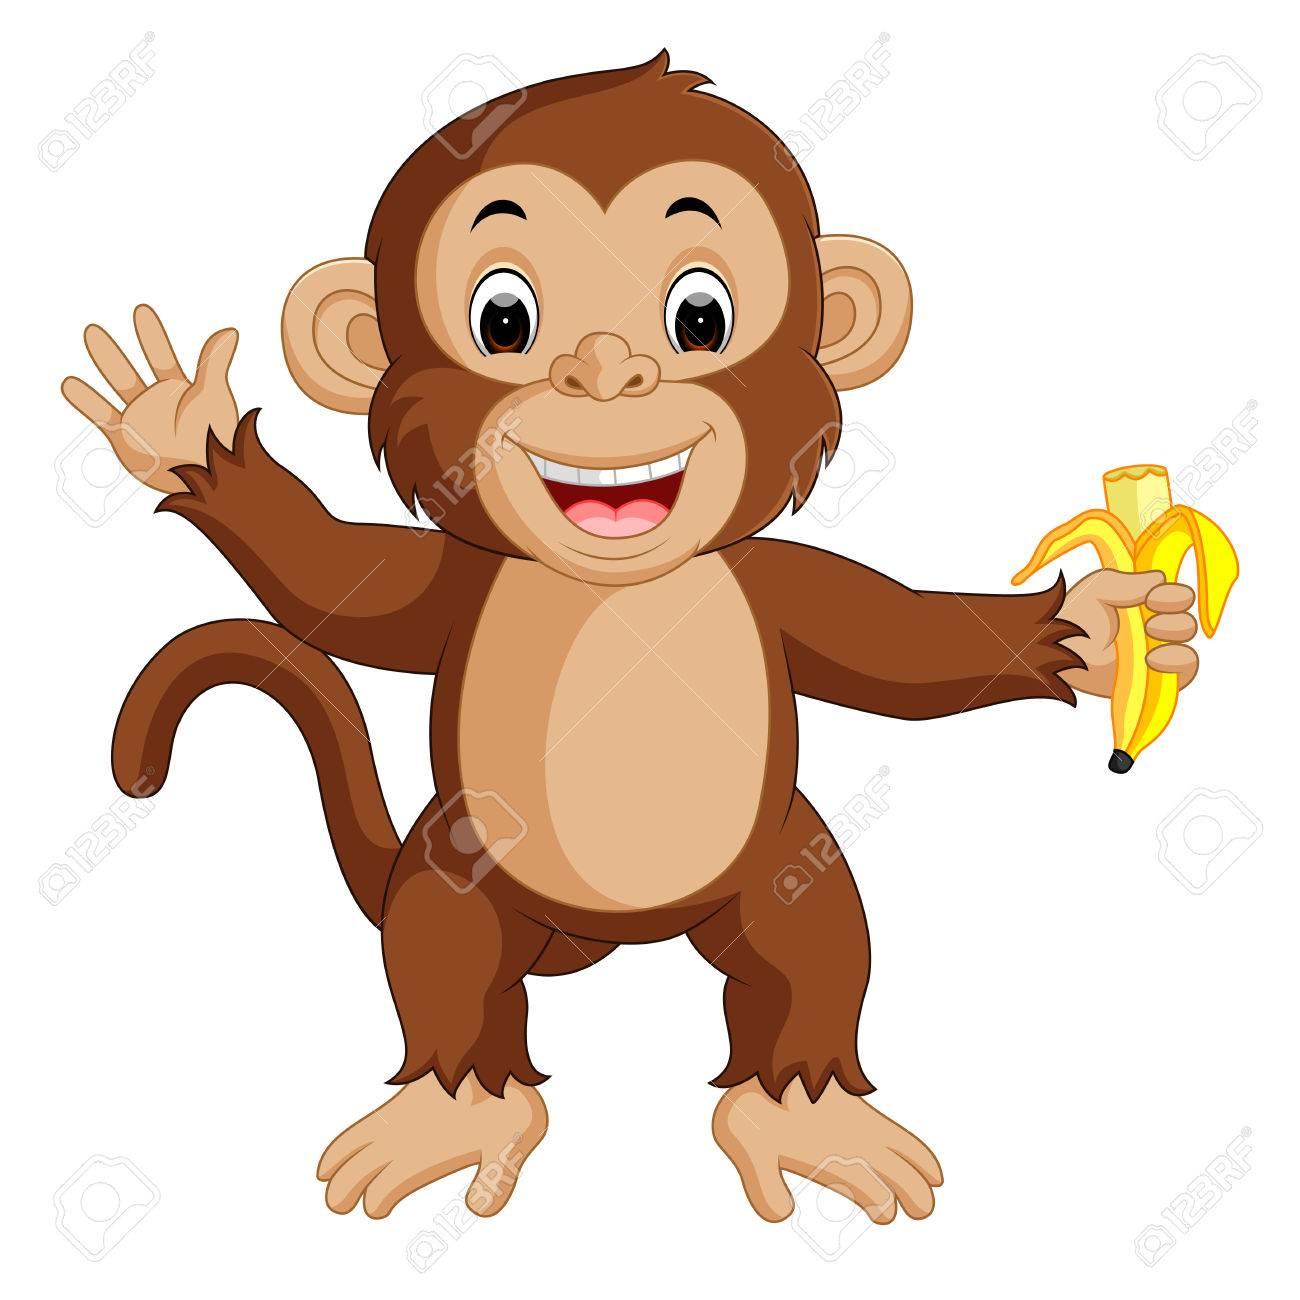 cute monkey cartoon eating banana stock photo picture and royalty rh 123rf com cartoon monkey pictures for kids cartoon monkey pictures to print